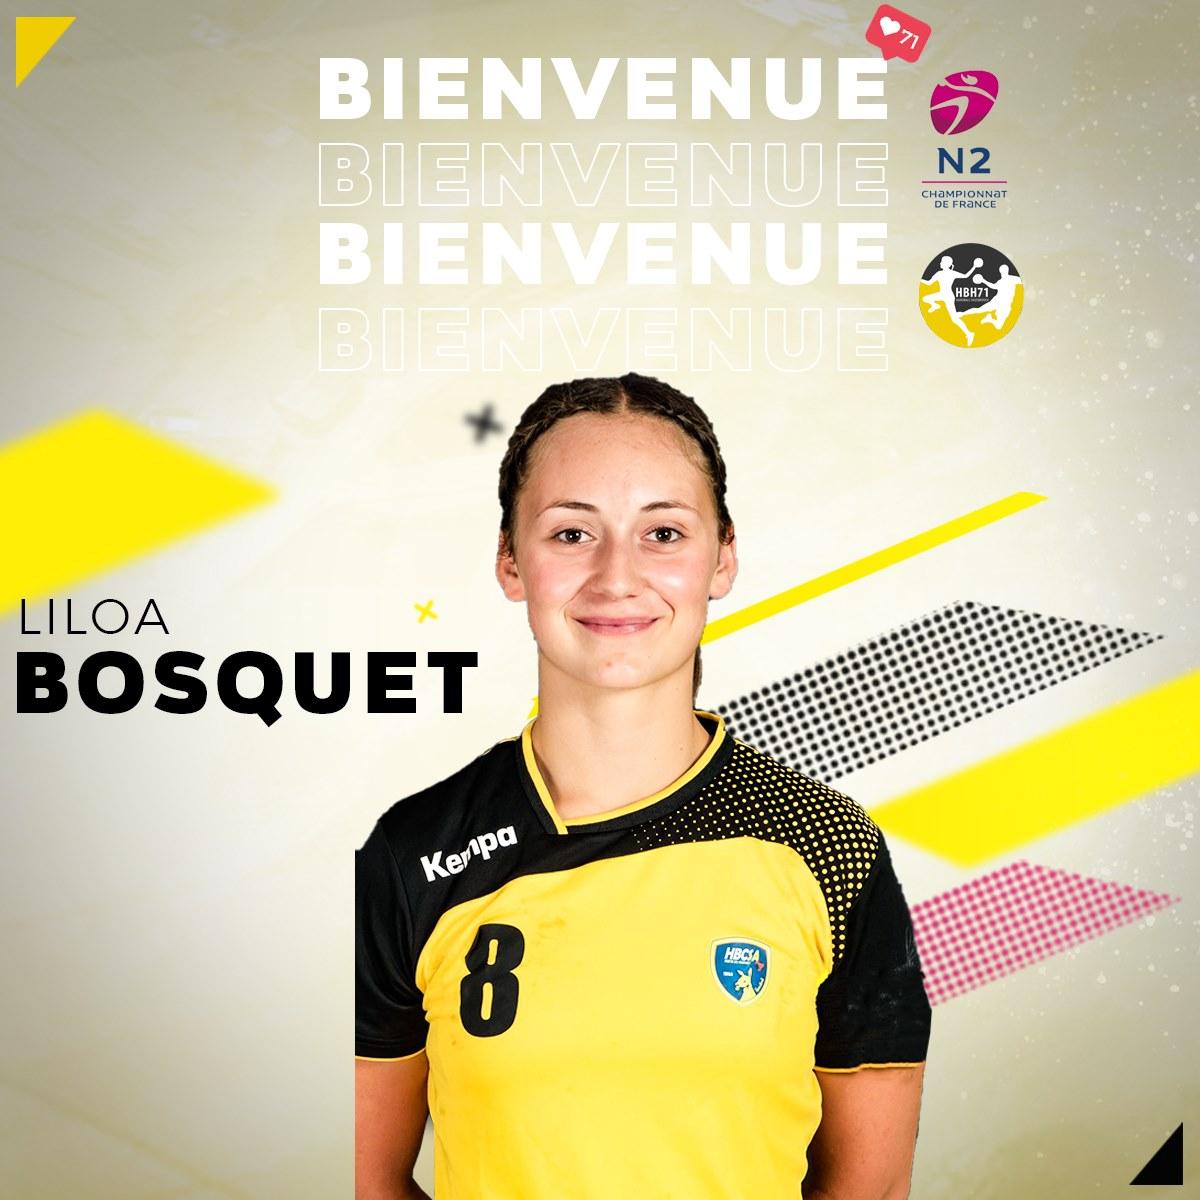 LILOA BOSQUET